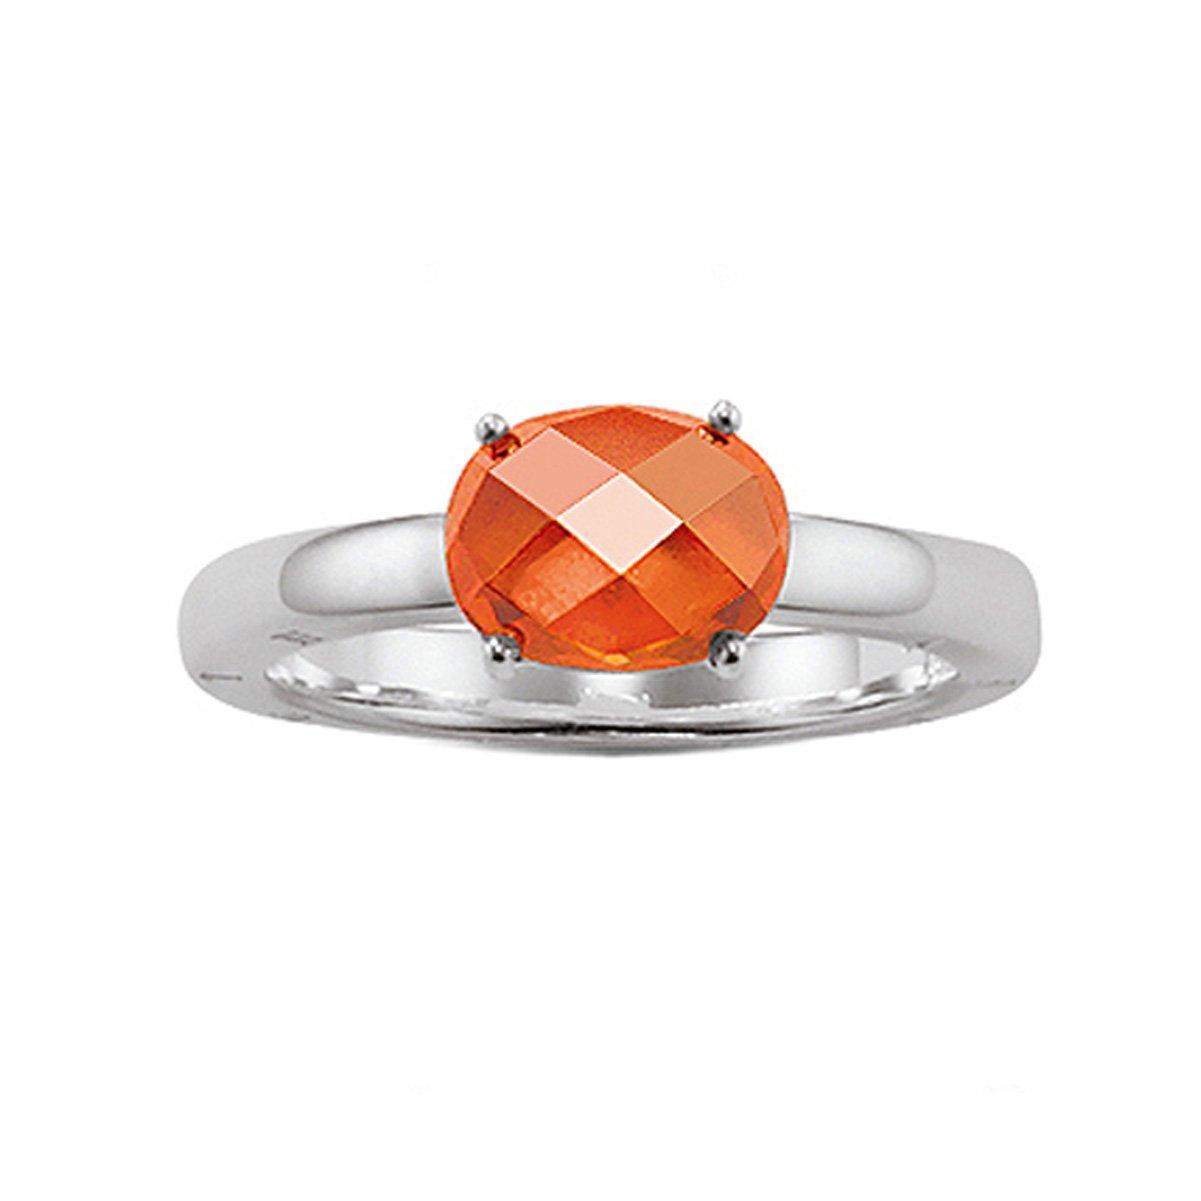 Damen-Ring Seasonal Sterling-Silber Zirkona orange Gr.54 TR1851-051-8-54